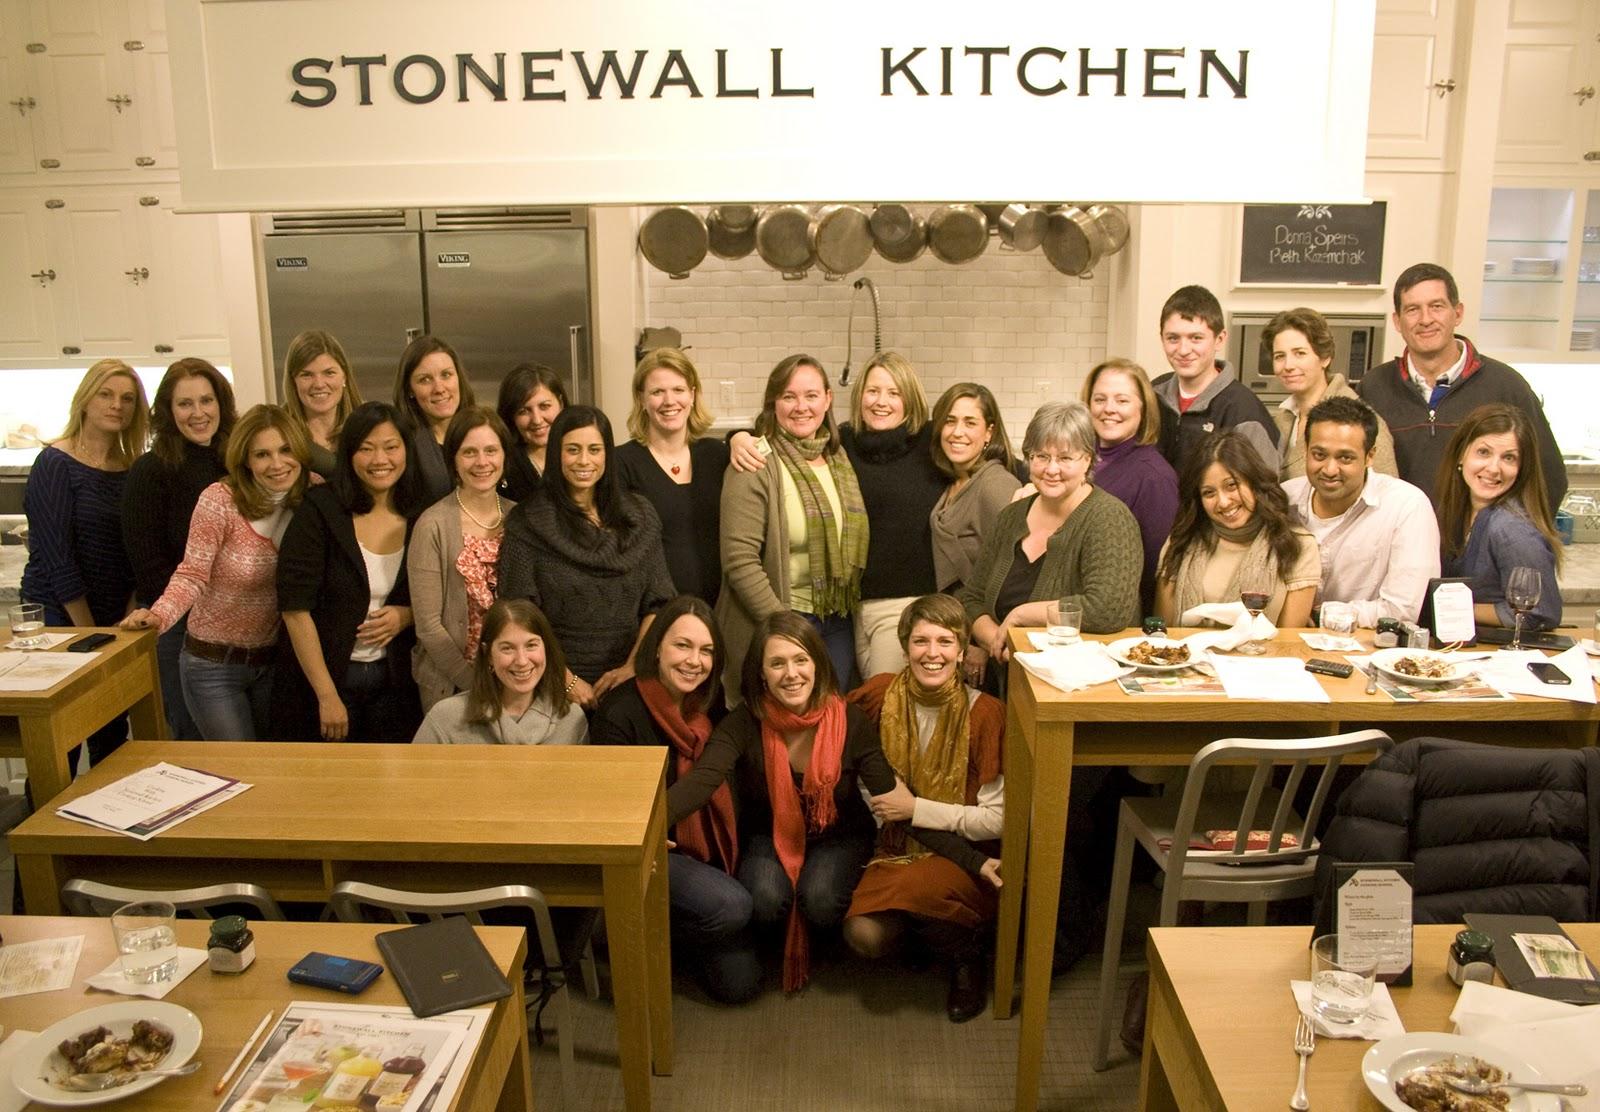 Stonewall Kitchen Cooking School As Tweetup Destination